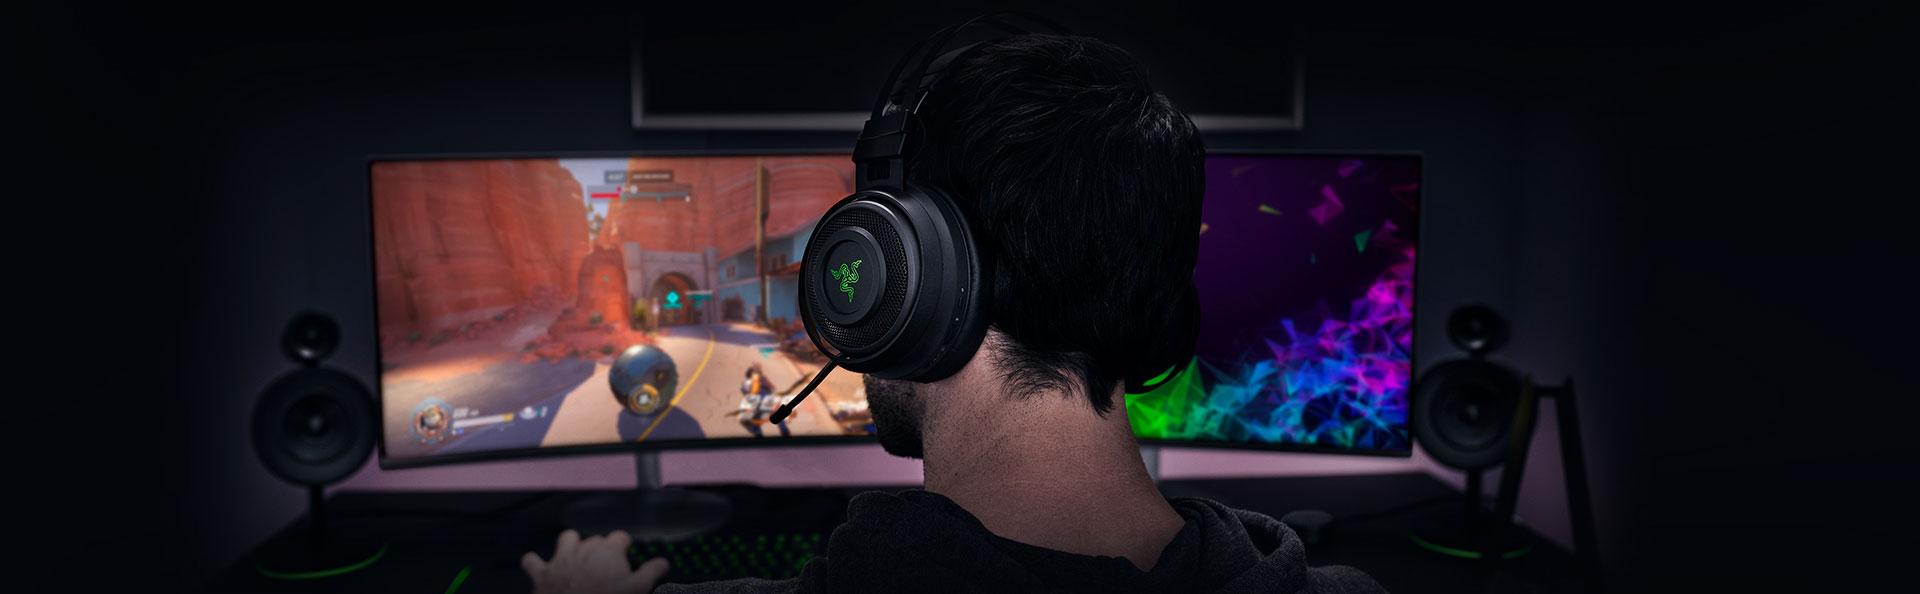 Âm thanh vòm THX của Tai nghe Razer Nari Gaming Wireless